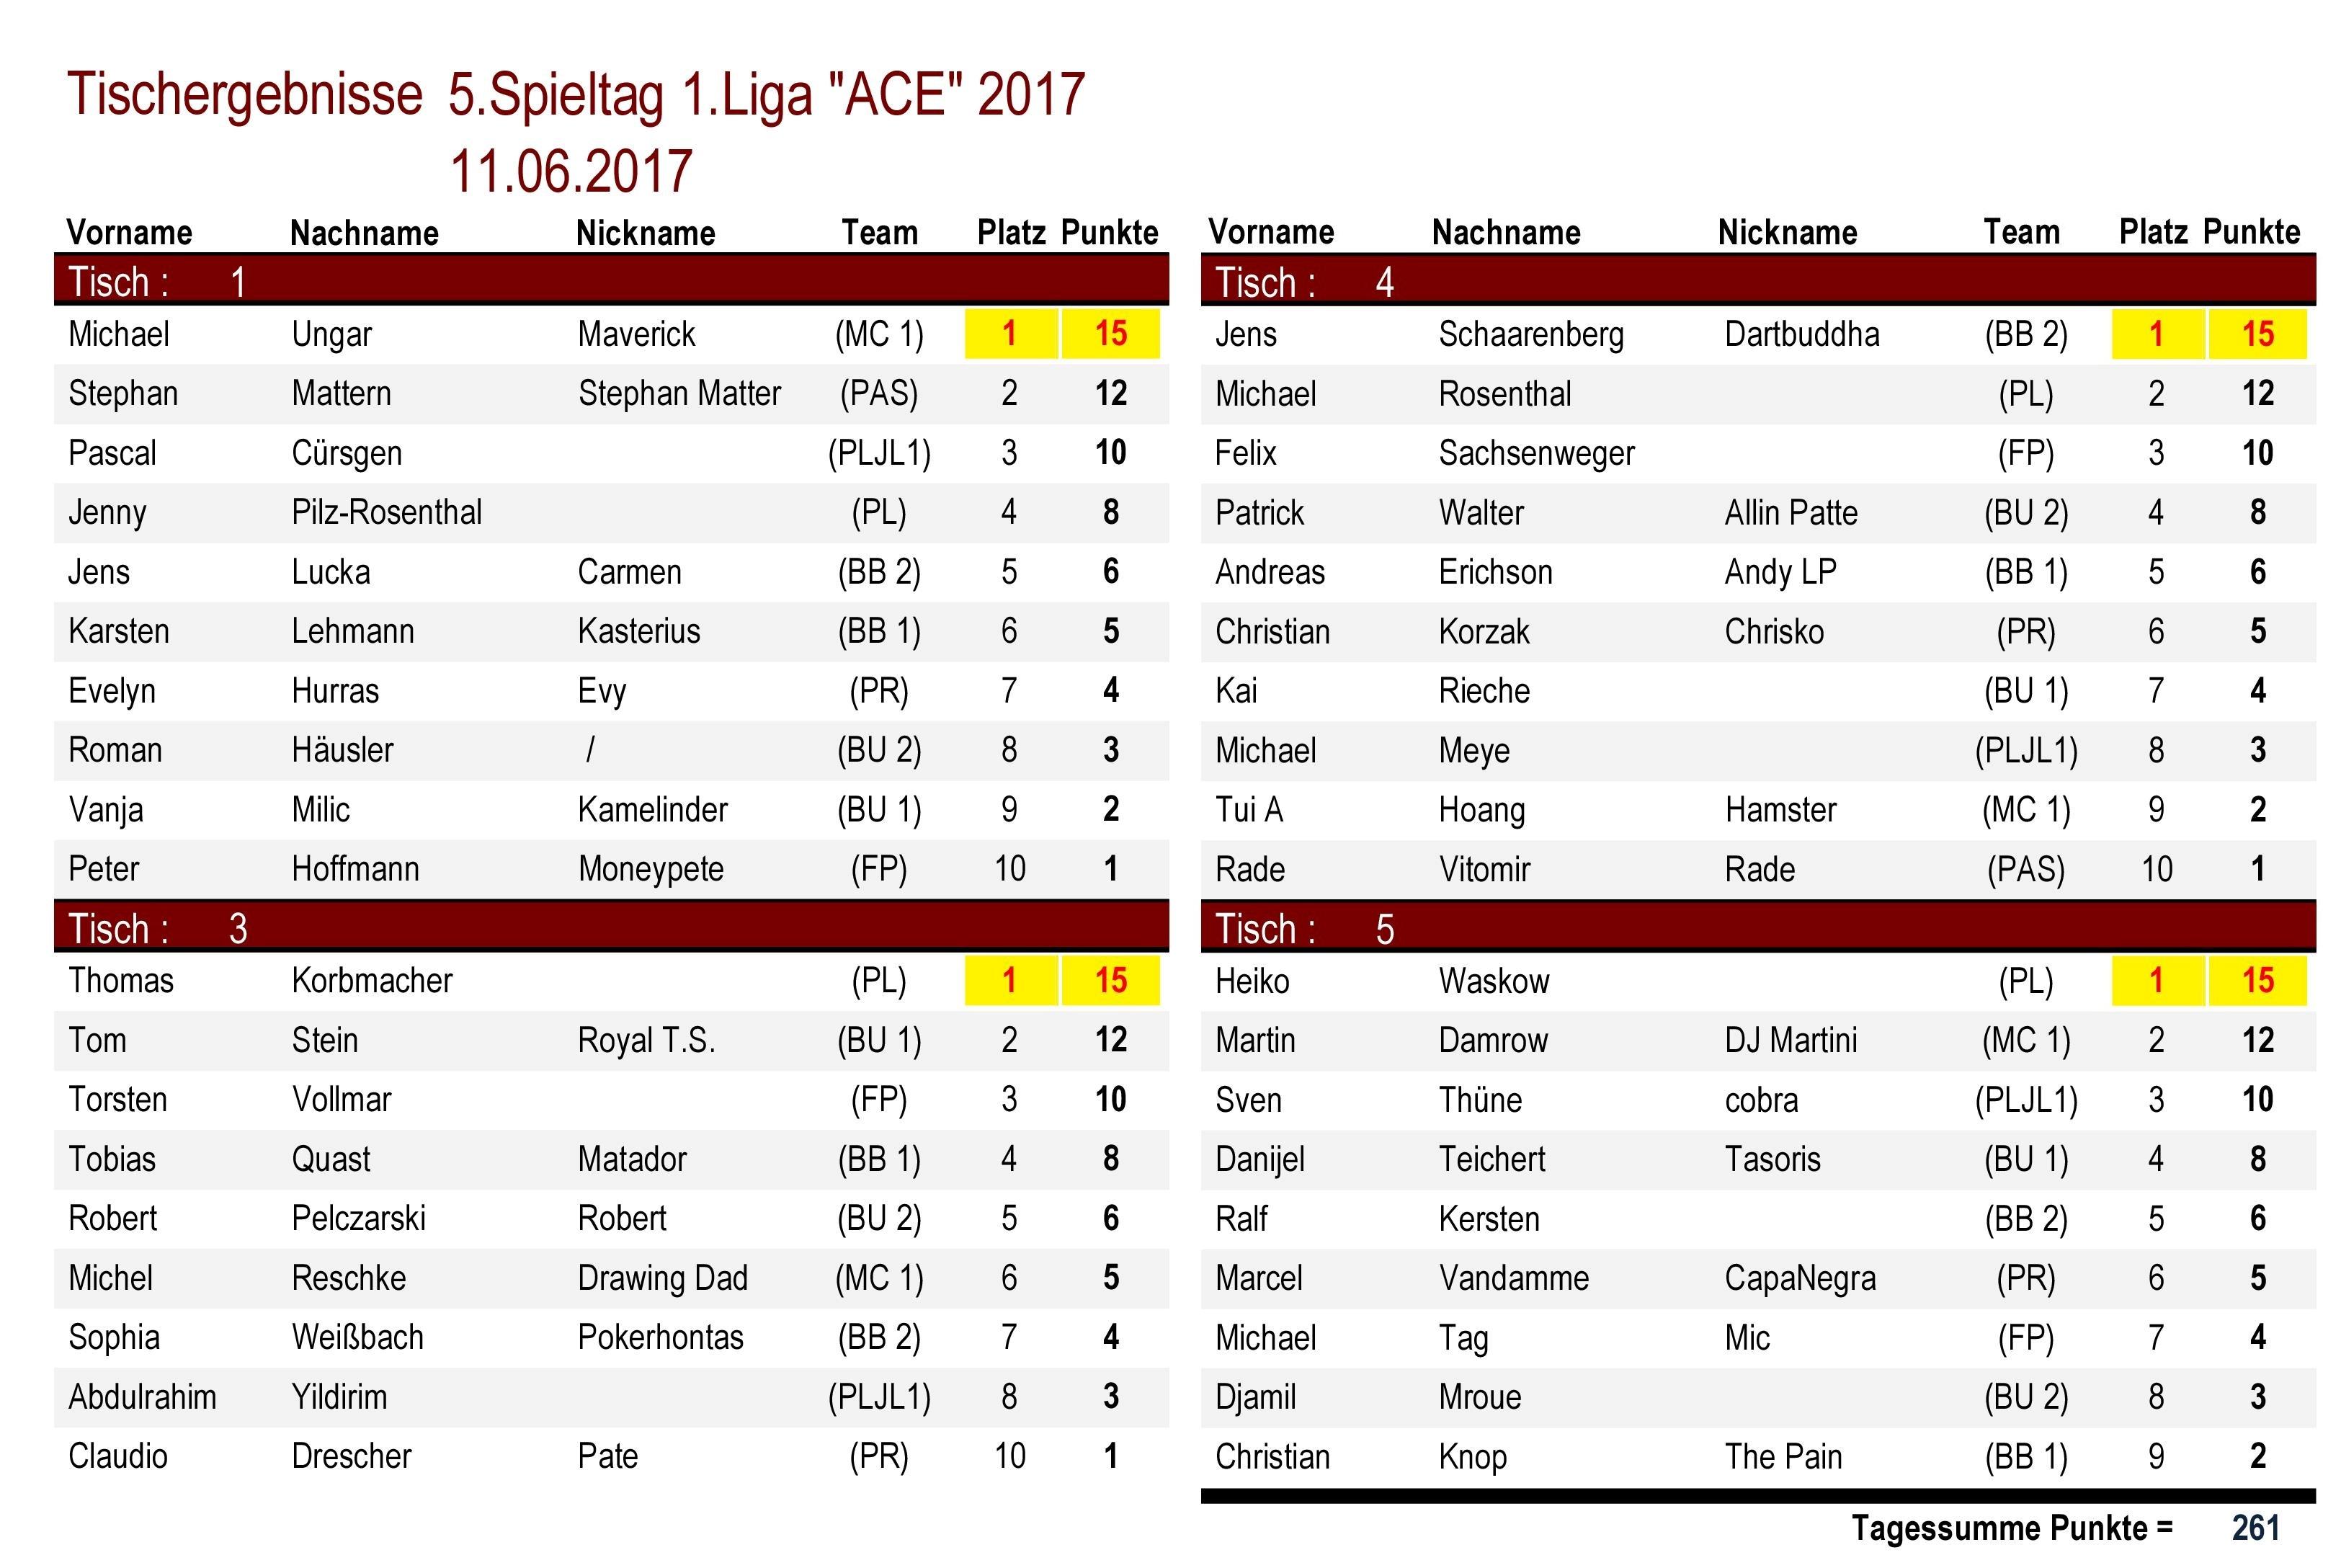 Tischergebnisse 1.Liga `ACE` 5.Spieltag 2017